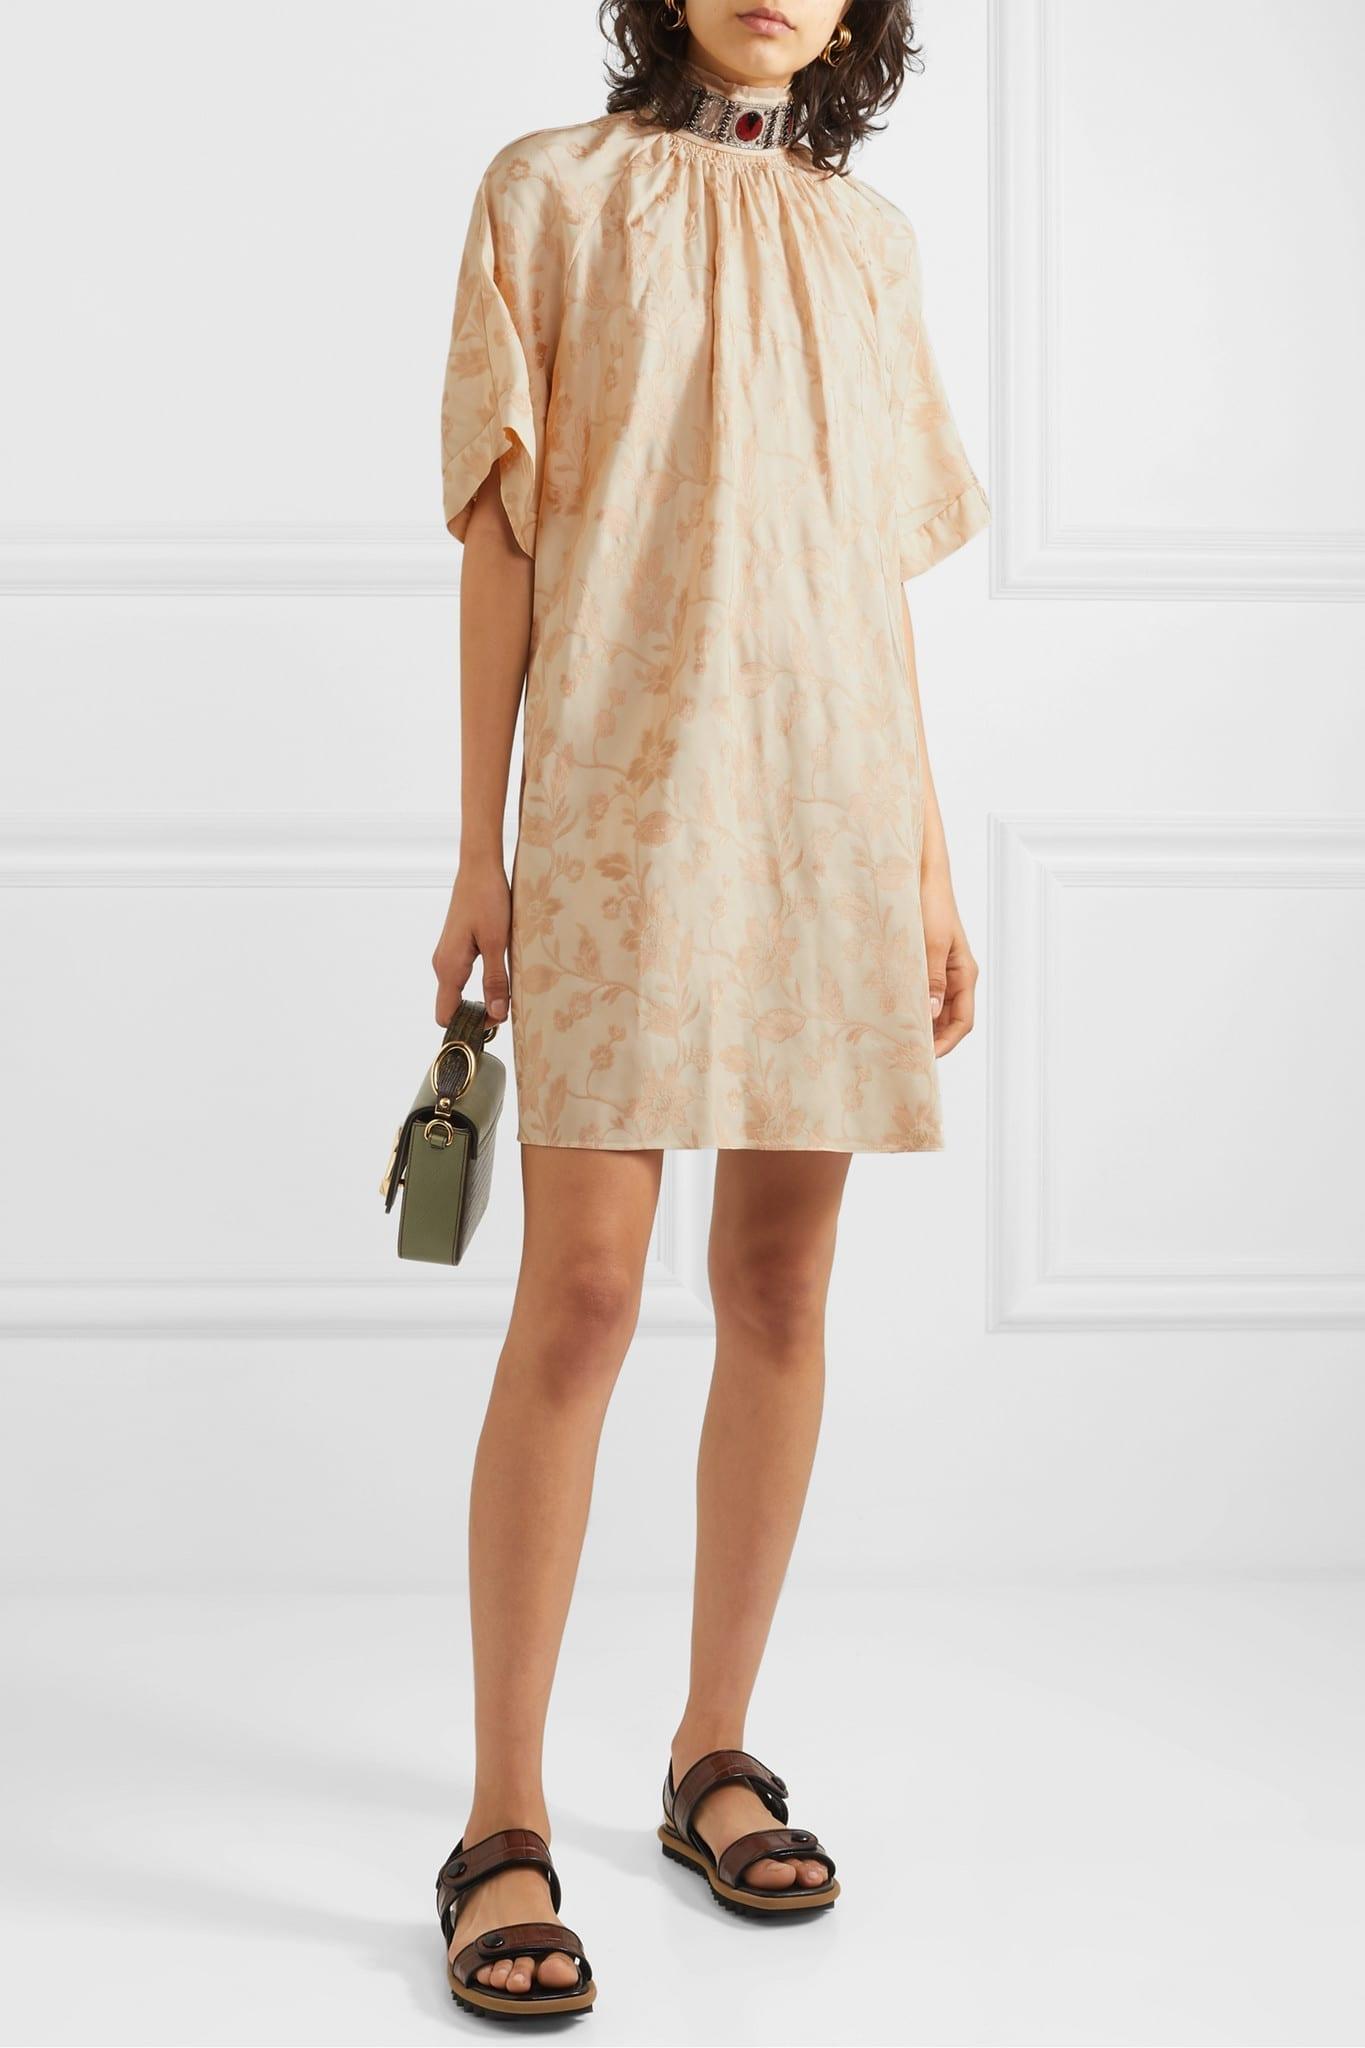 CHLOÉ Embellished Jacquard Mini Dress